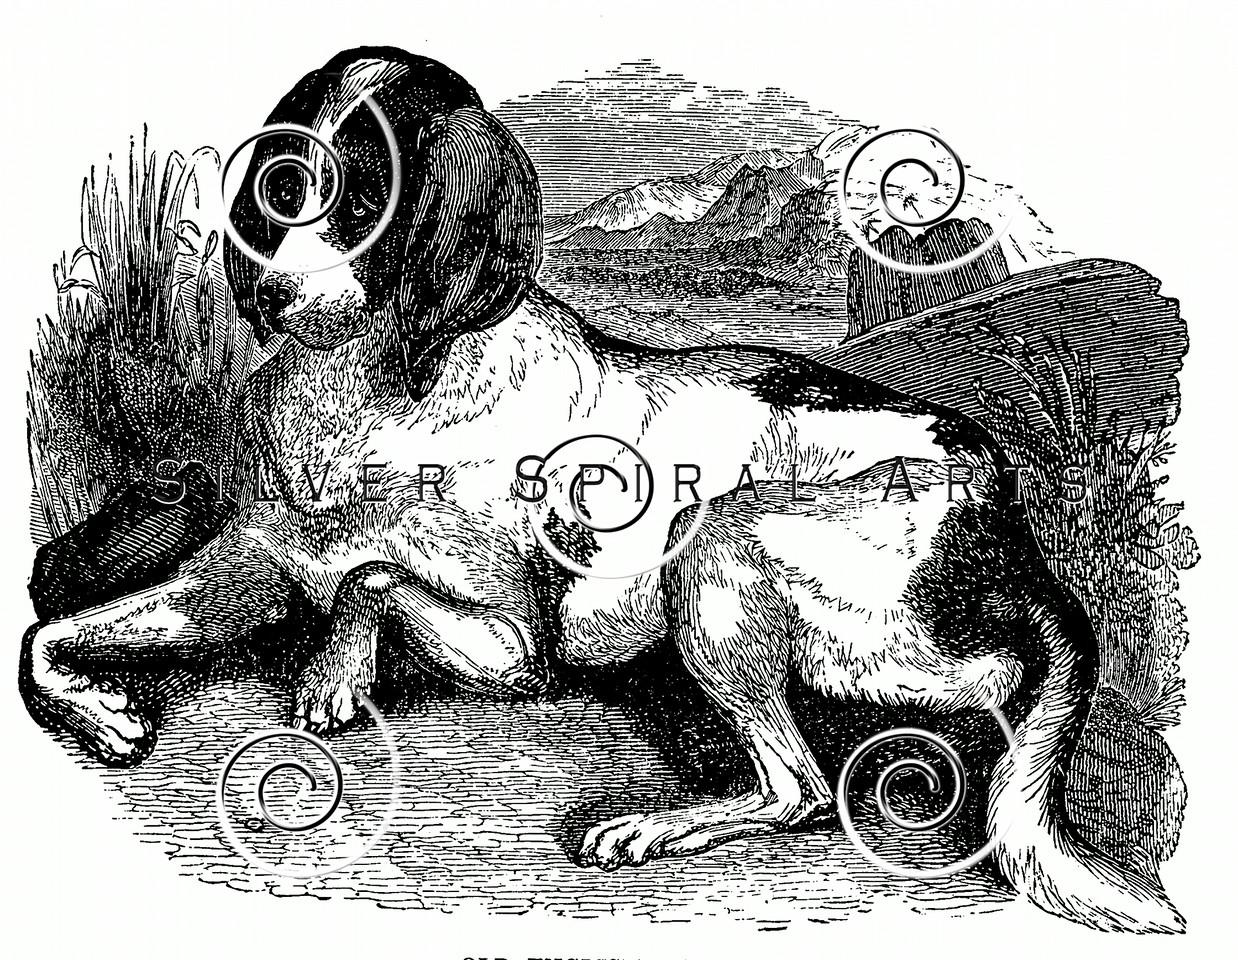 Vintage Hound Dogs Illustration - 1800s Dog Images